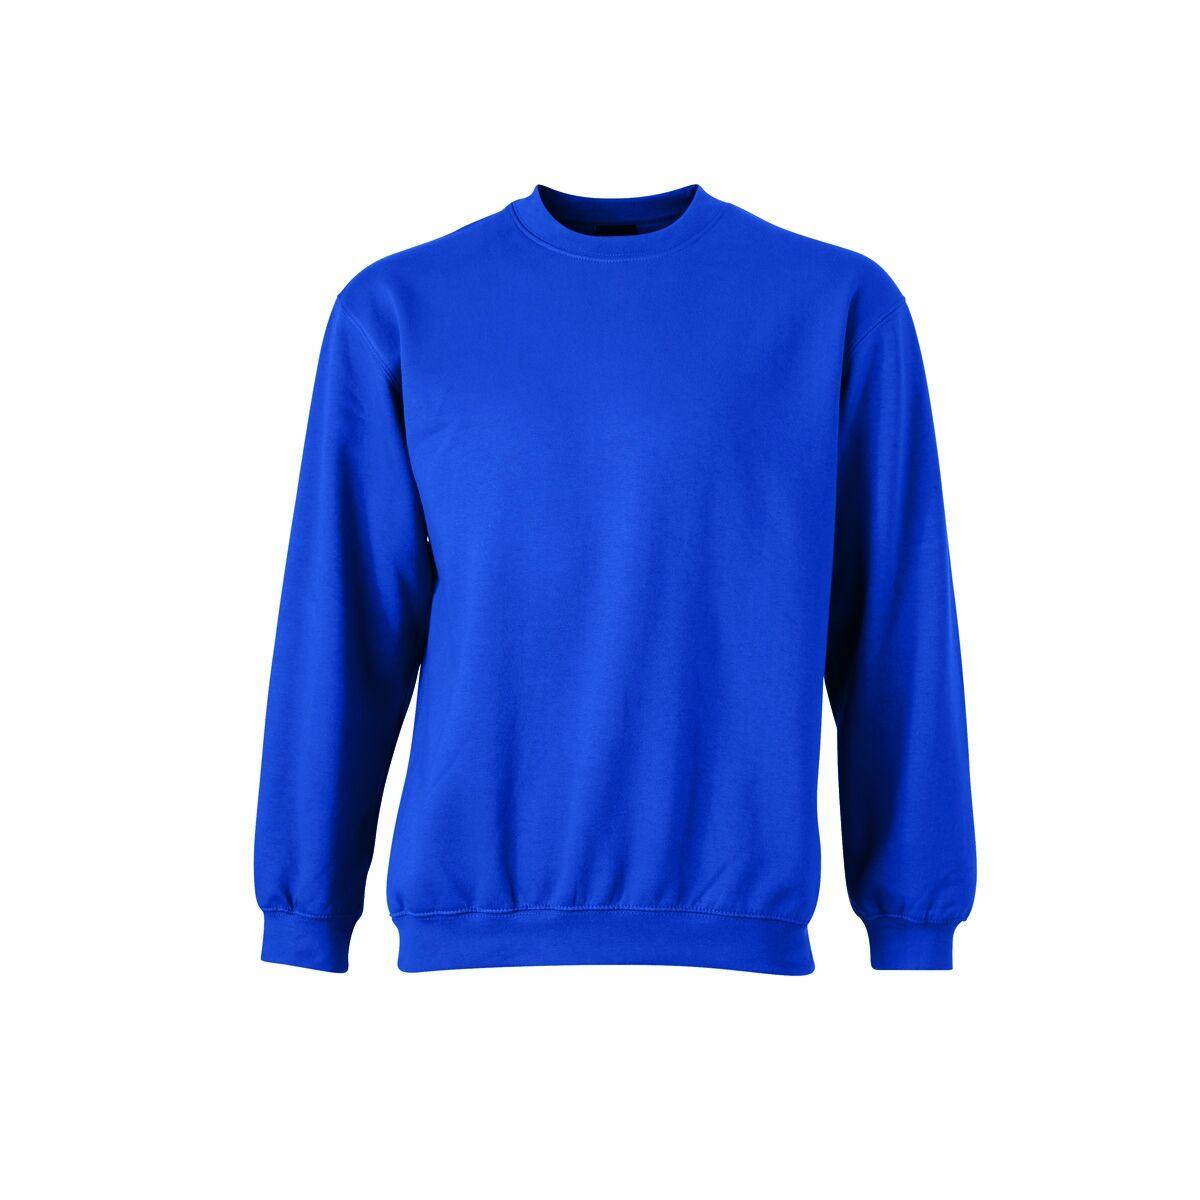 Sweat shirt col rond JN040 bleu royal mixte homme femme